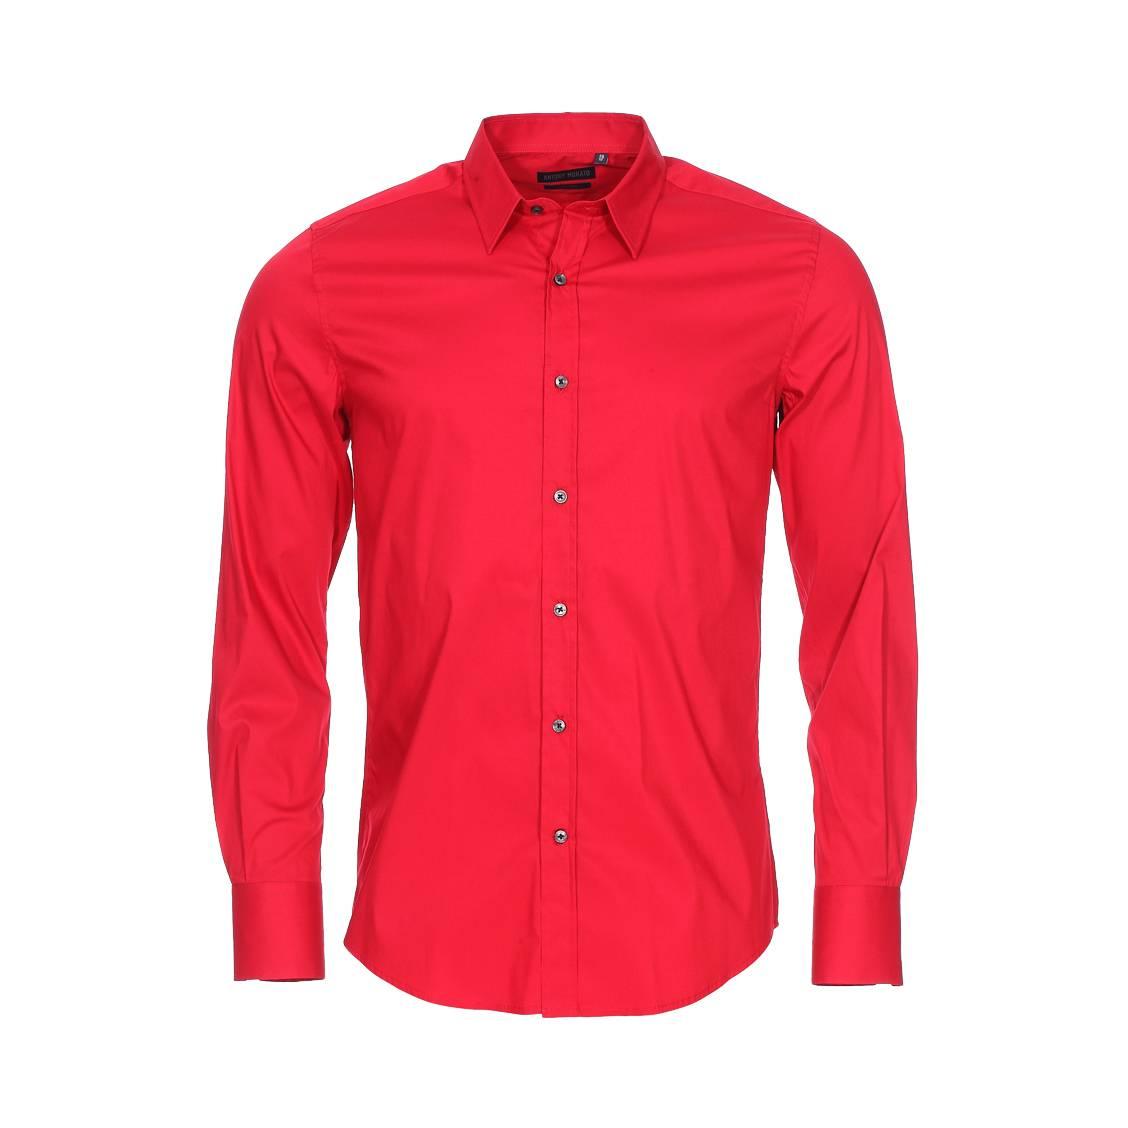 Chemise extra slim  en coton mélangé stretch rouge